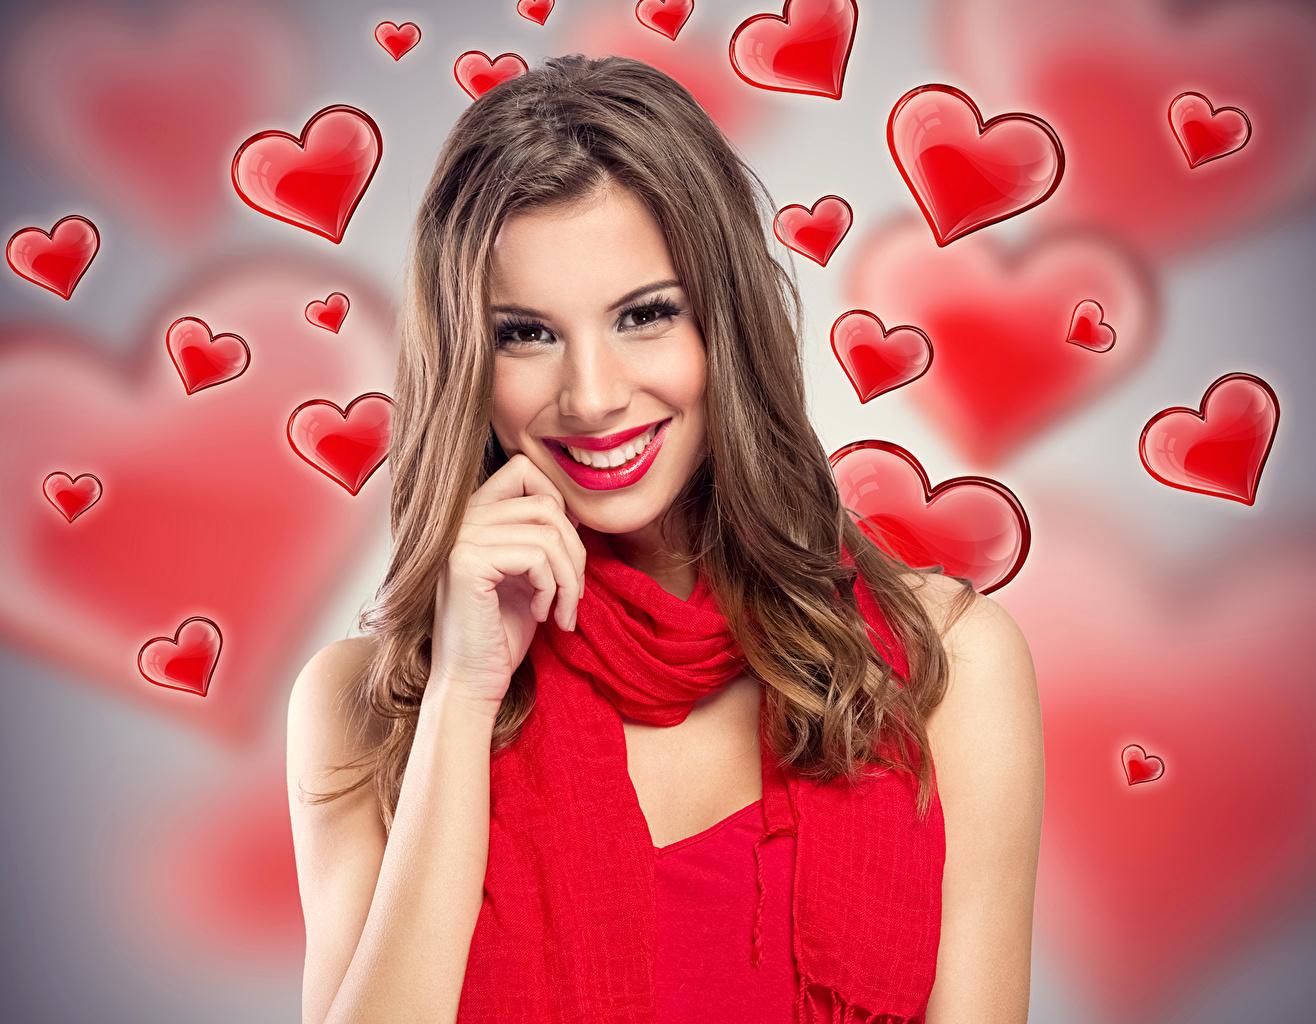 Ljubavni horoskop za novembar 2018. godine: Bikovi su na tankom ledu kada je u pitanju ljubav, a Rakove očekuje romantičan i idiličan mesec!